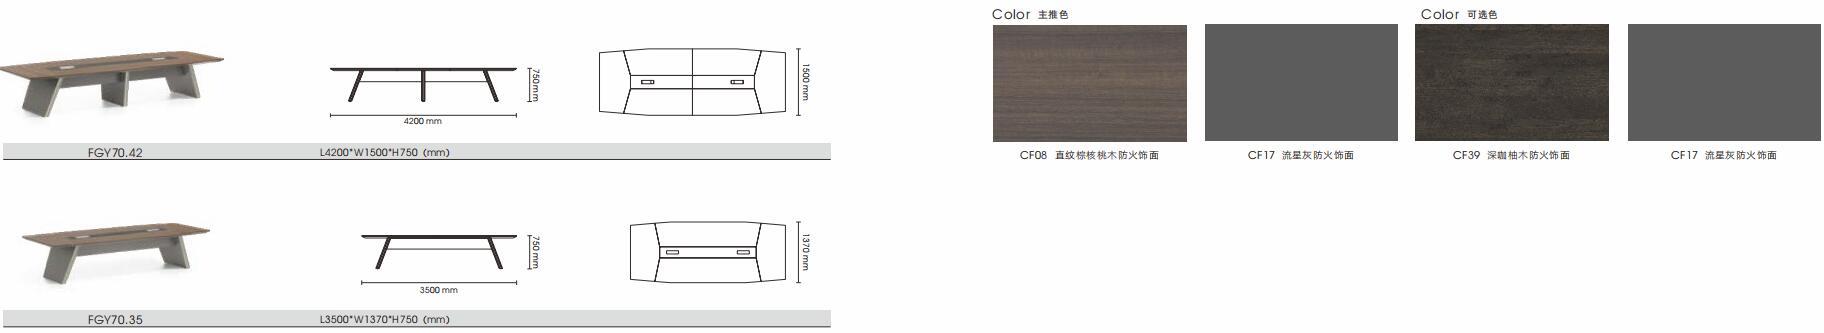 格奕系列H036会议桌颜色图